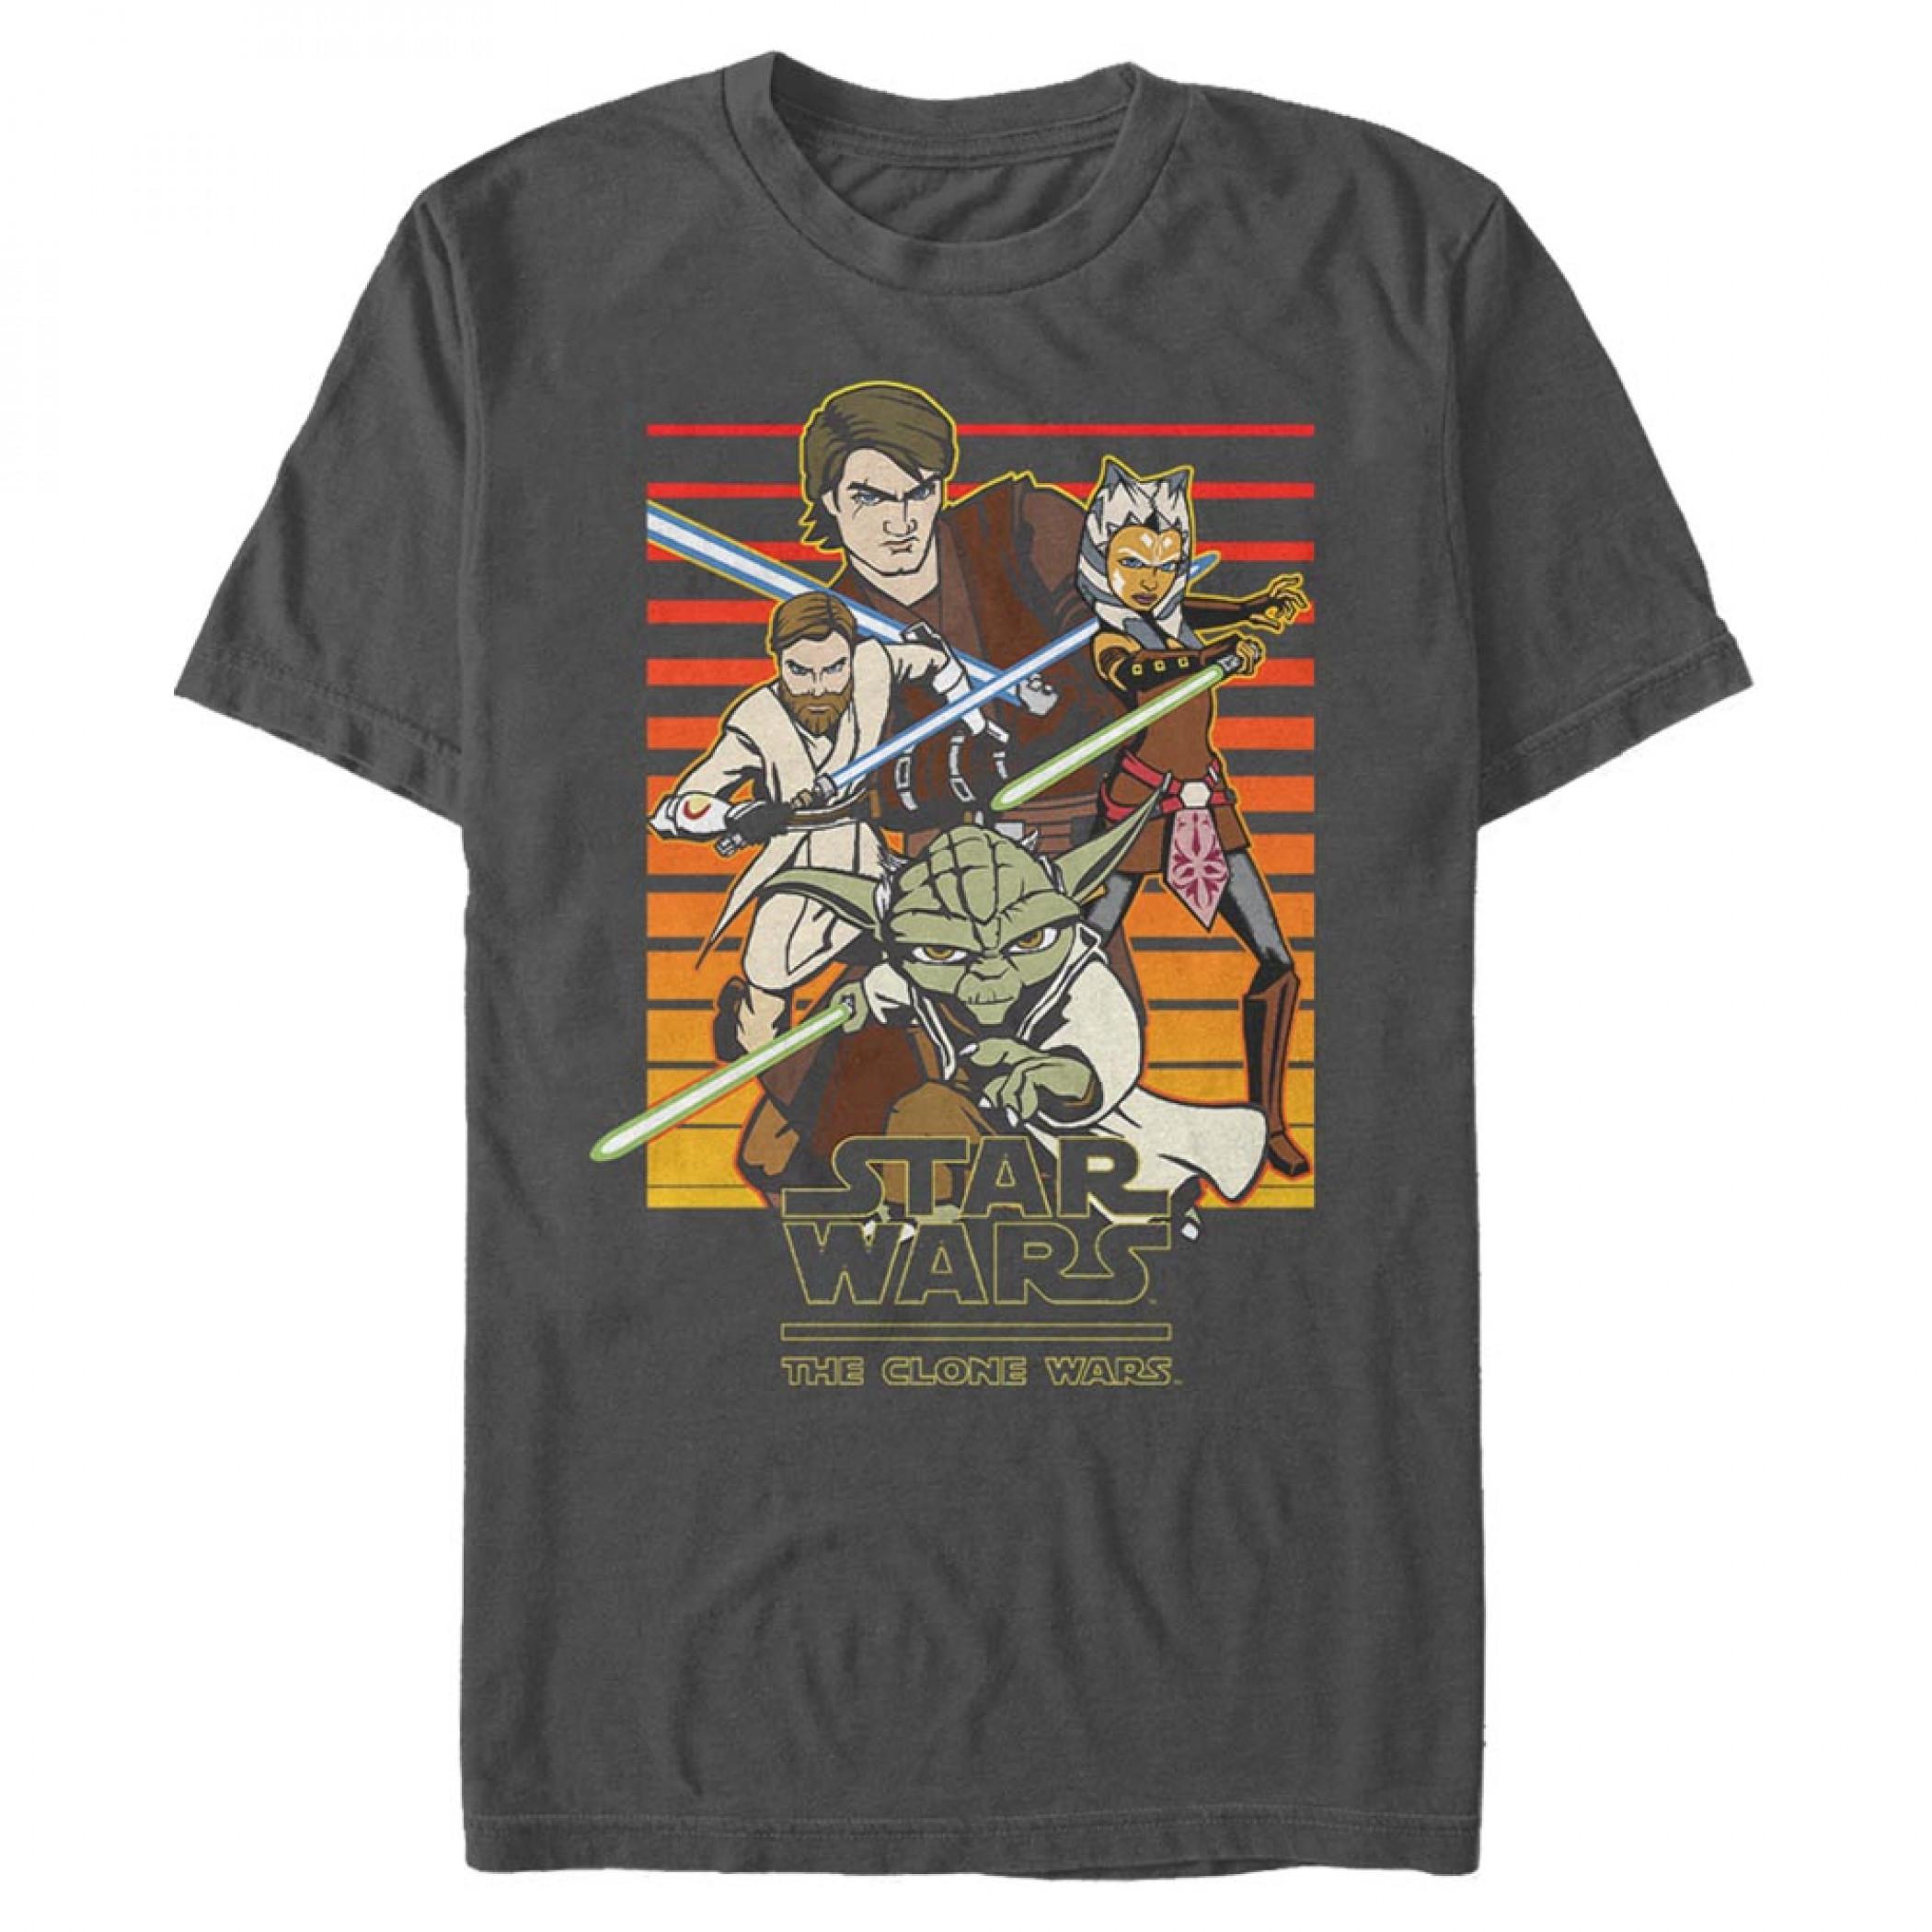 Star Wars Clone Wars Title T-Shirt